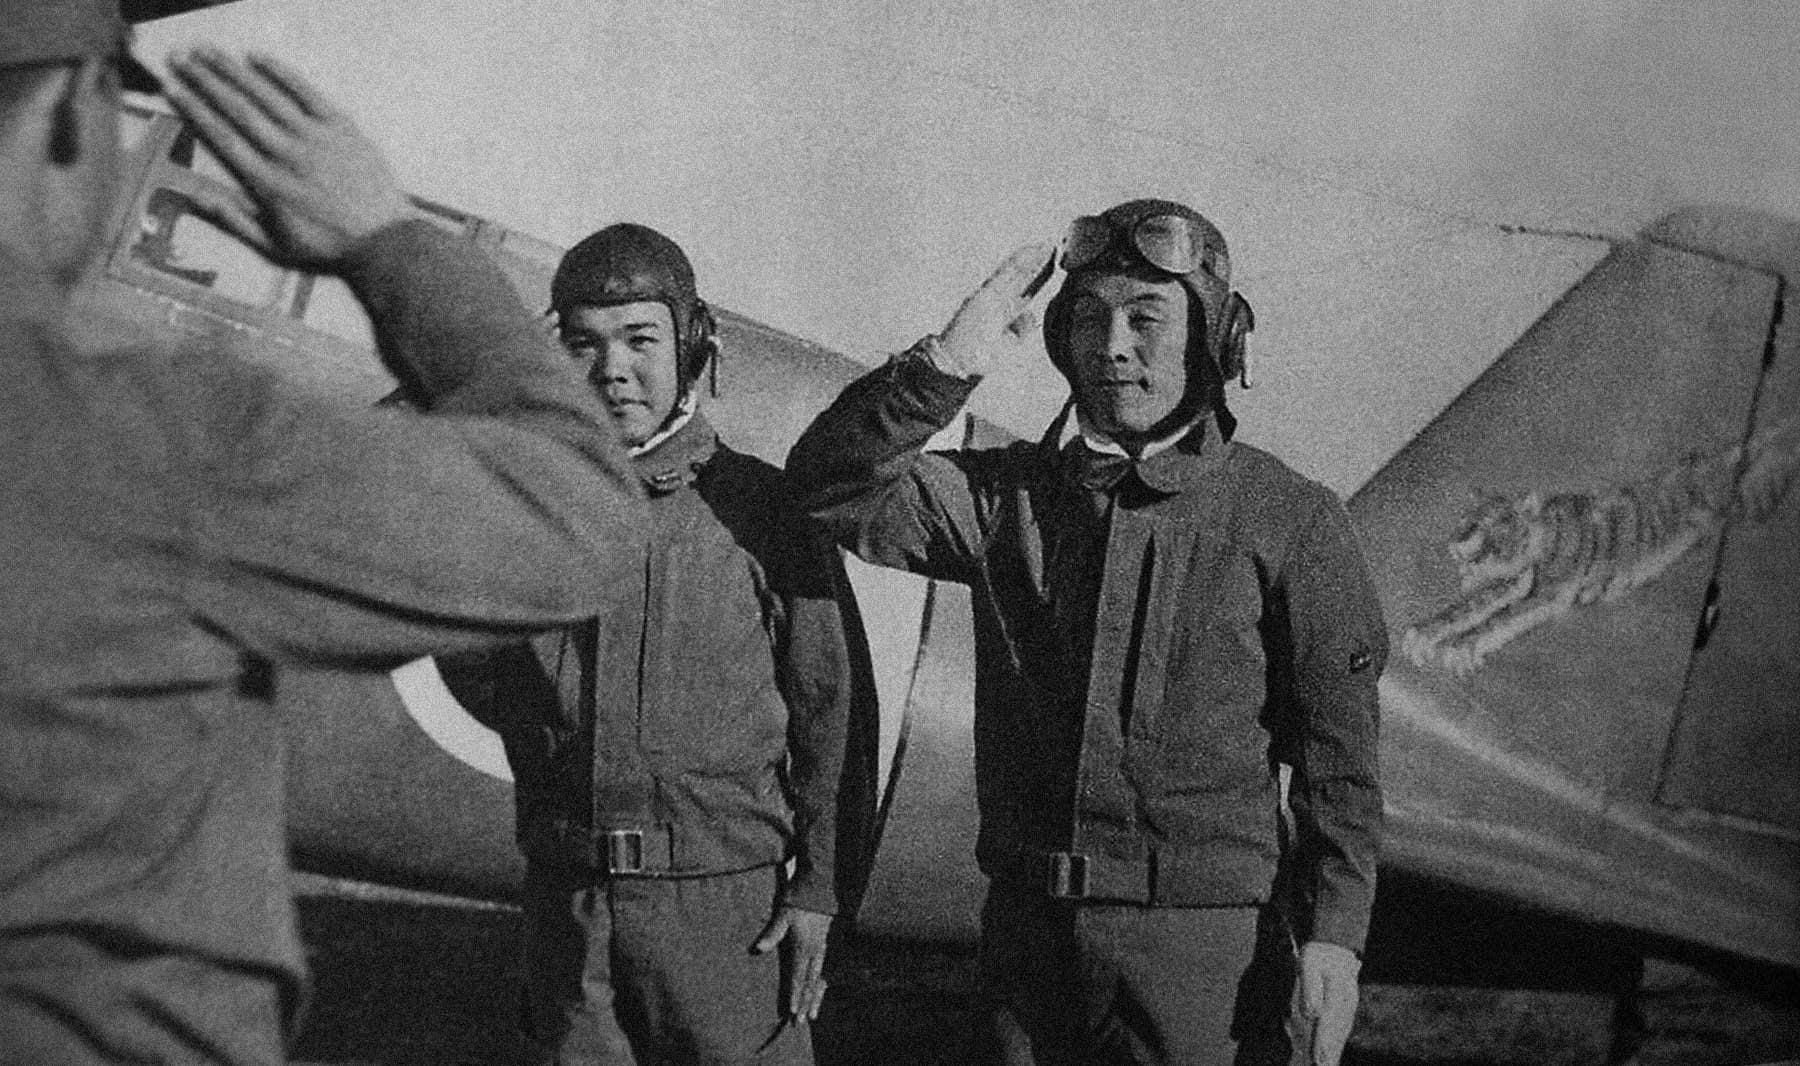 Kamikaze - Quem eram, origem, cultura e realidade